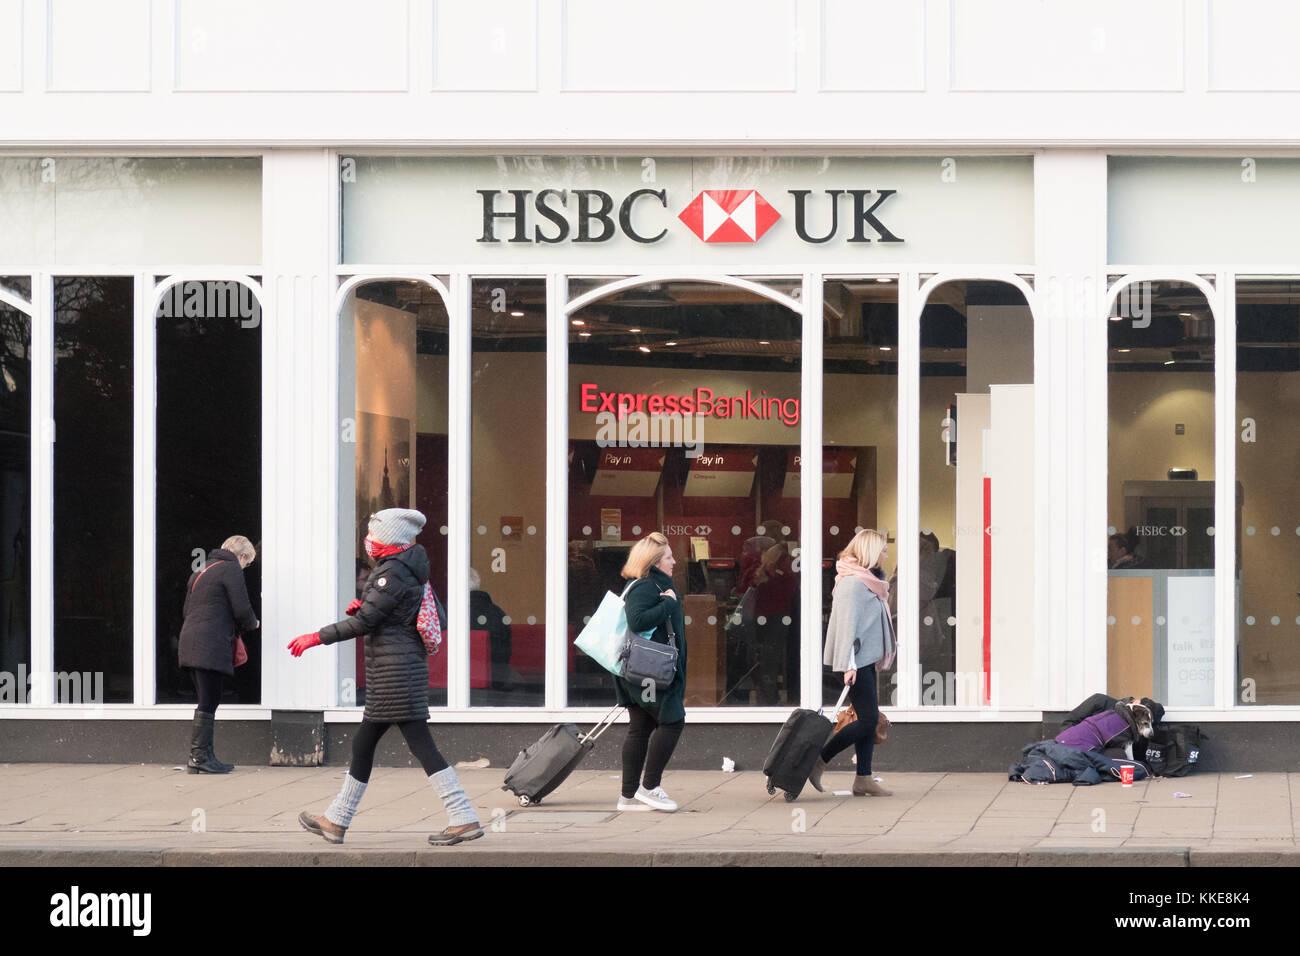 Hsbc Bank Building Stock Photos & Hsbc Bank Building Stock ...